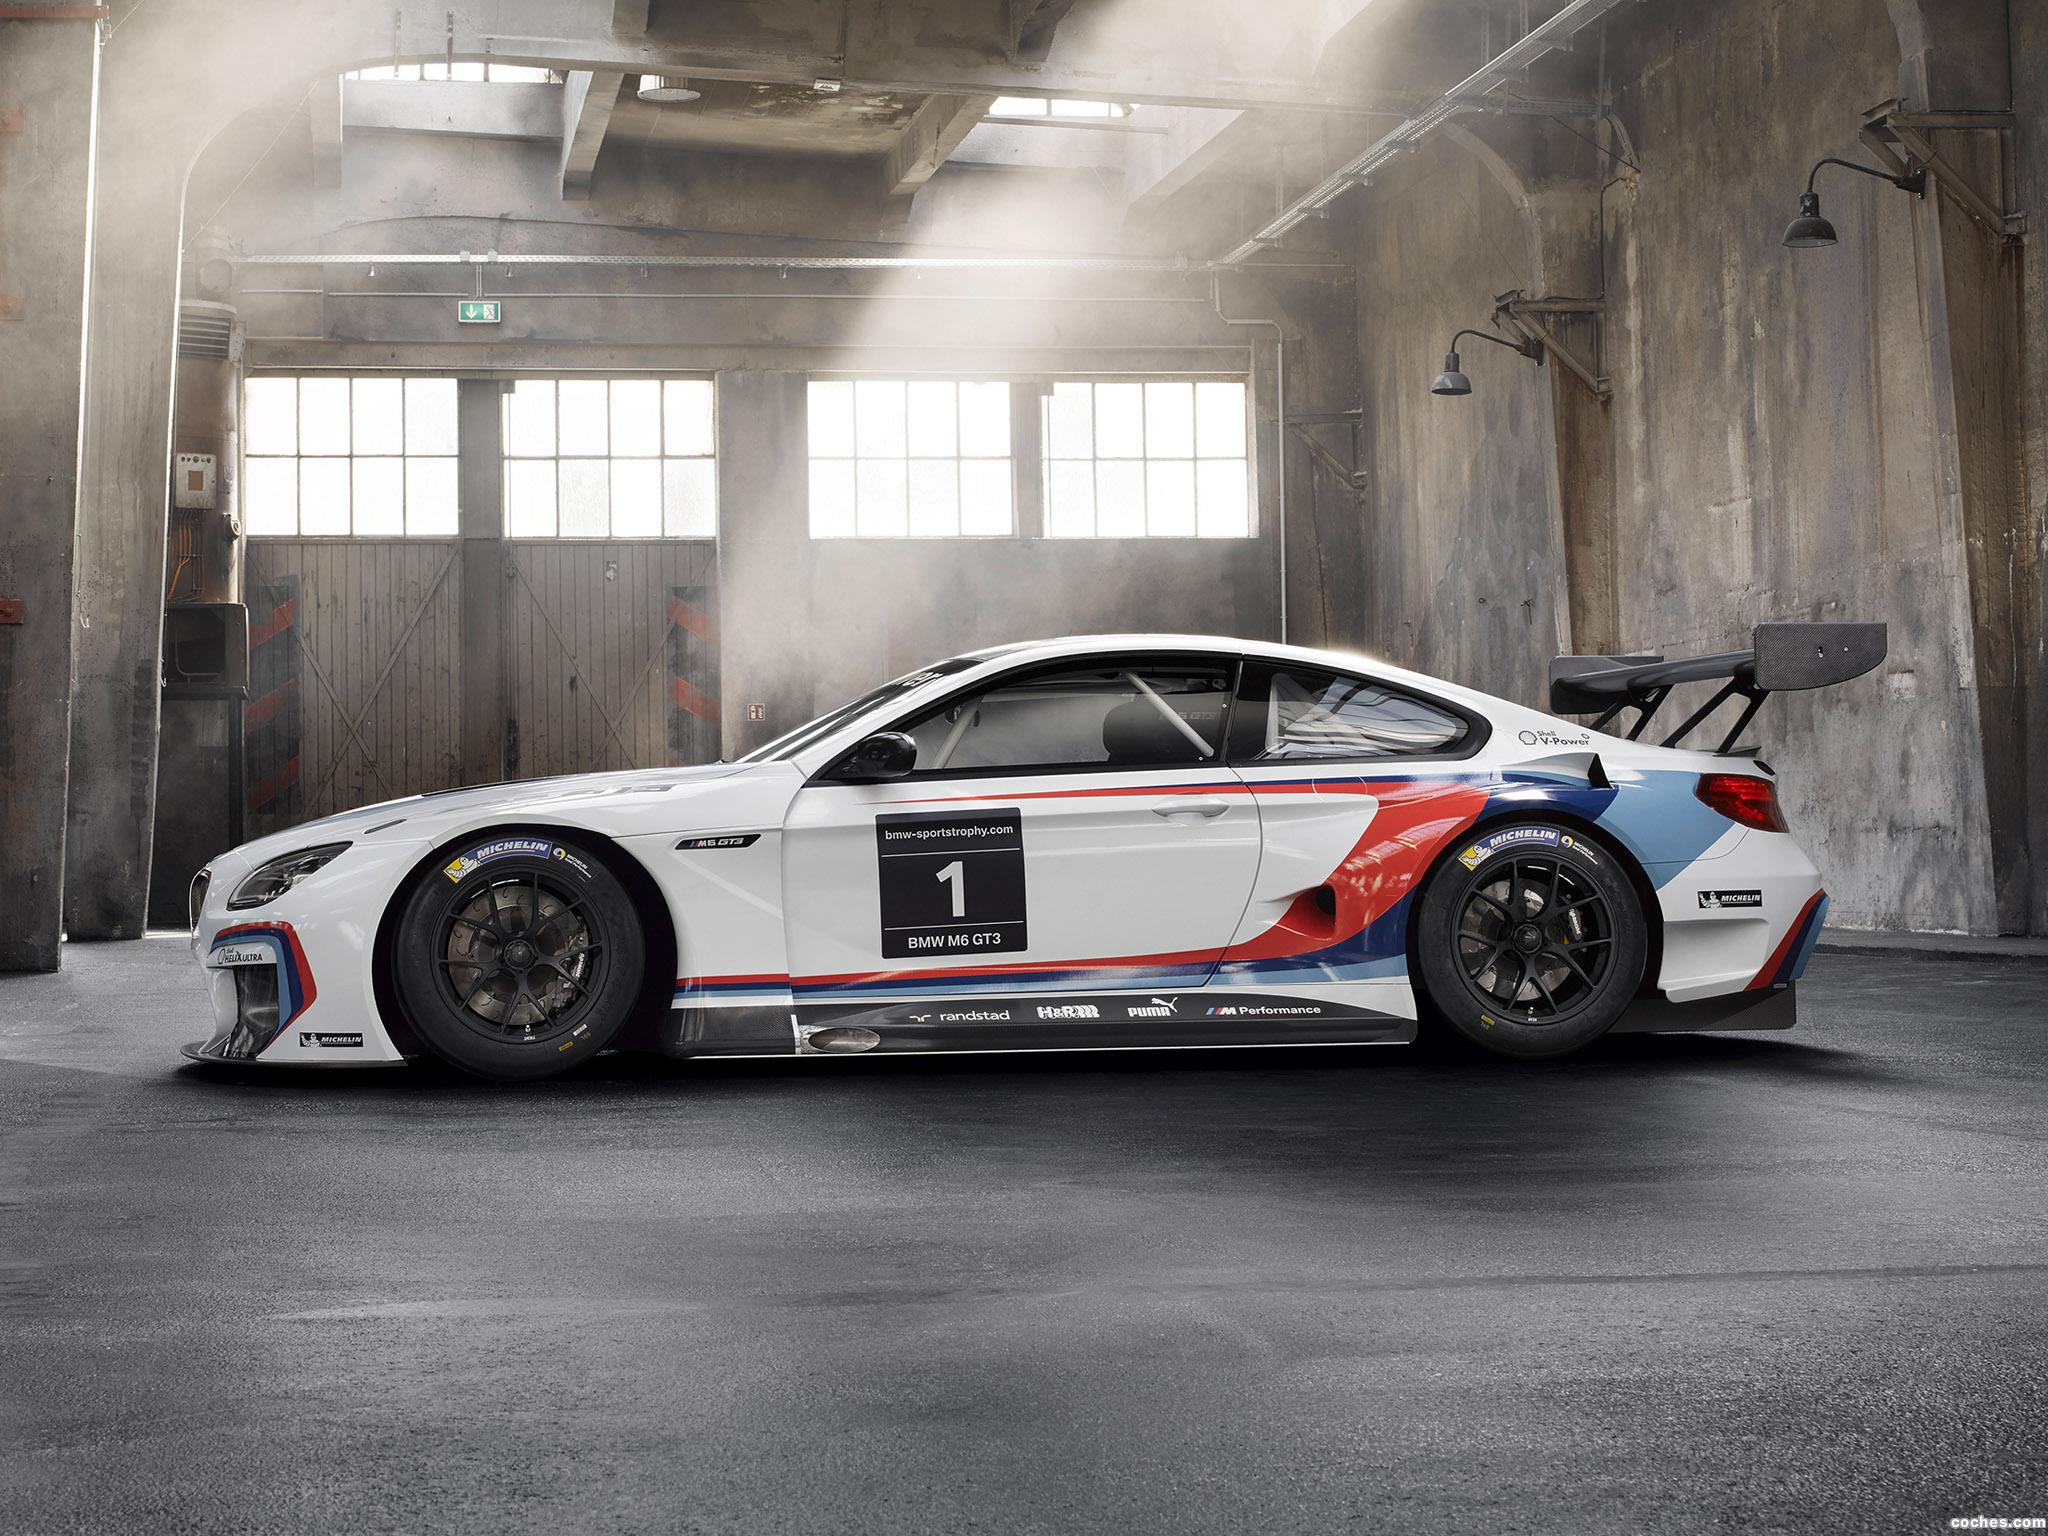 Foto 2 de BMW M6 GT3 F13 2015